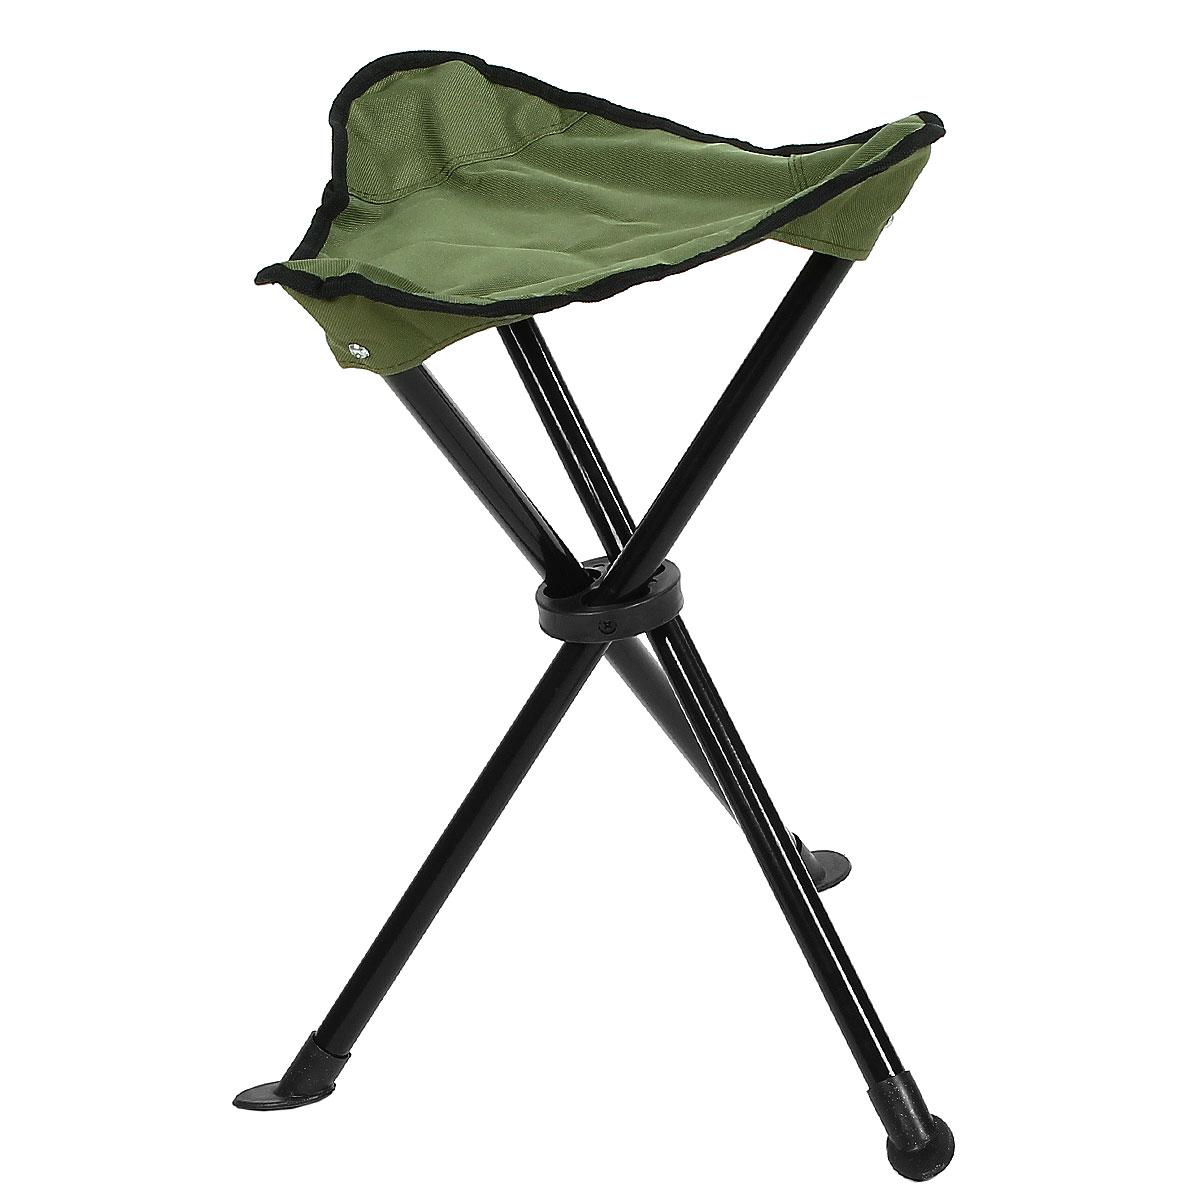 Стул складной на 3-х ножках Happy Camper, цвет: зеленыйЛК-8106Стул складной Happy Camper - это незаменимый предмет походной мебели, очень удобен в эксплуатации. Каркас стула изготовлен из прочного и долговечного алюминиевого сплава, устойчивого к погодным условиям Стул легко собирается и разбирается и не занимает много места, поэтому подходит для транспортировки и хранения дома. Складное кресло прекрасно подойдет для комфортного отдыха на даче или в походе. Материал: 600D ПВХ, каркас - сталь 19 мм. Максимальная нагрузка: 90 кг.